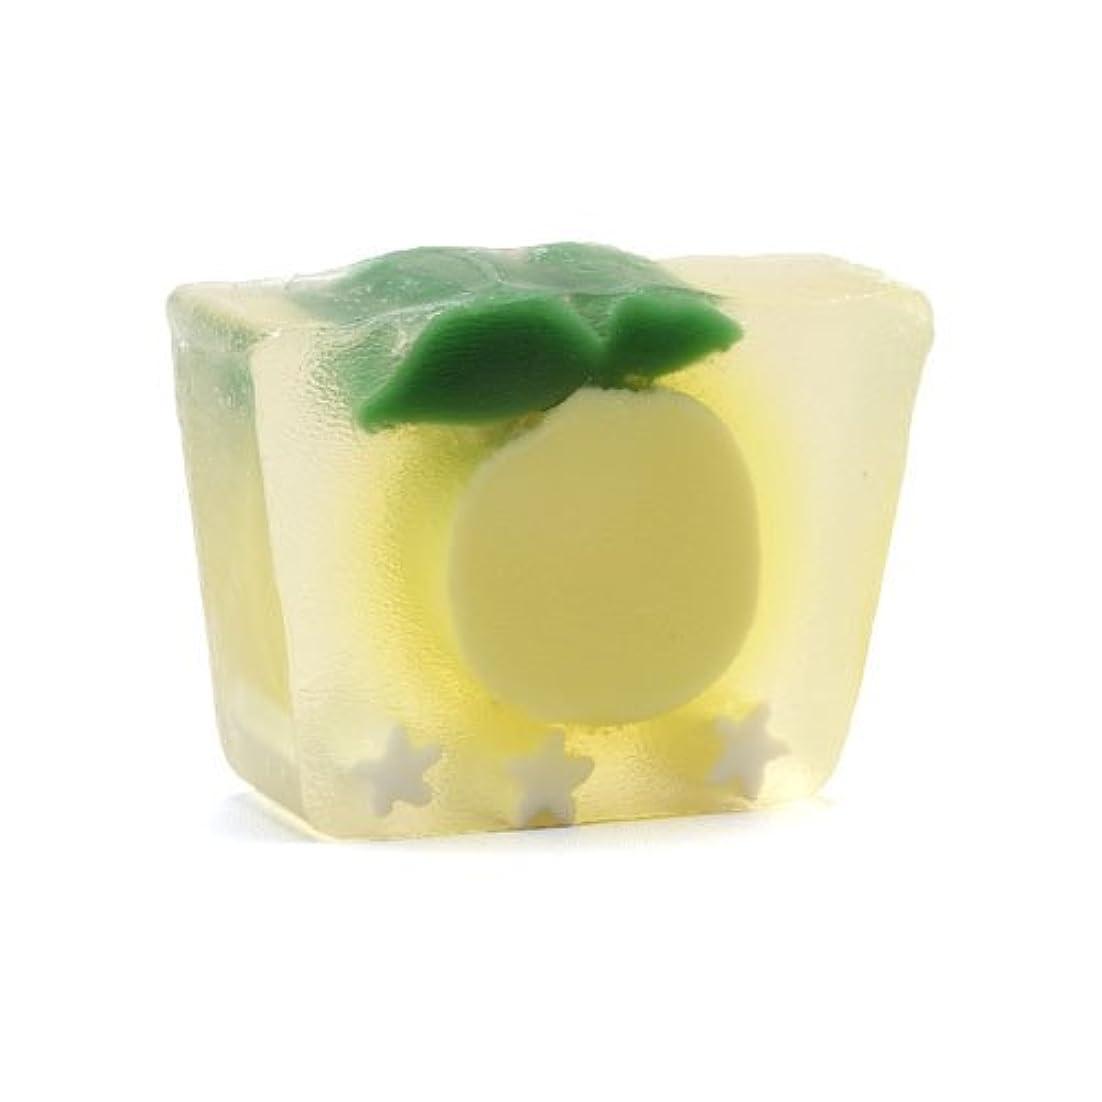 疎外コインランドリー乱すプライモールエレメンツ アロマティック ミニソープ カリフォルニアレモン 80g 植物性 ナチュラル 石鹸 無添加